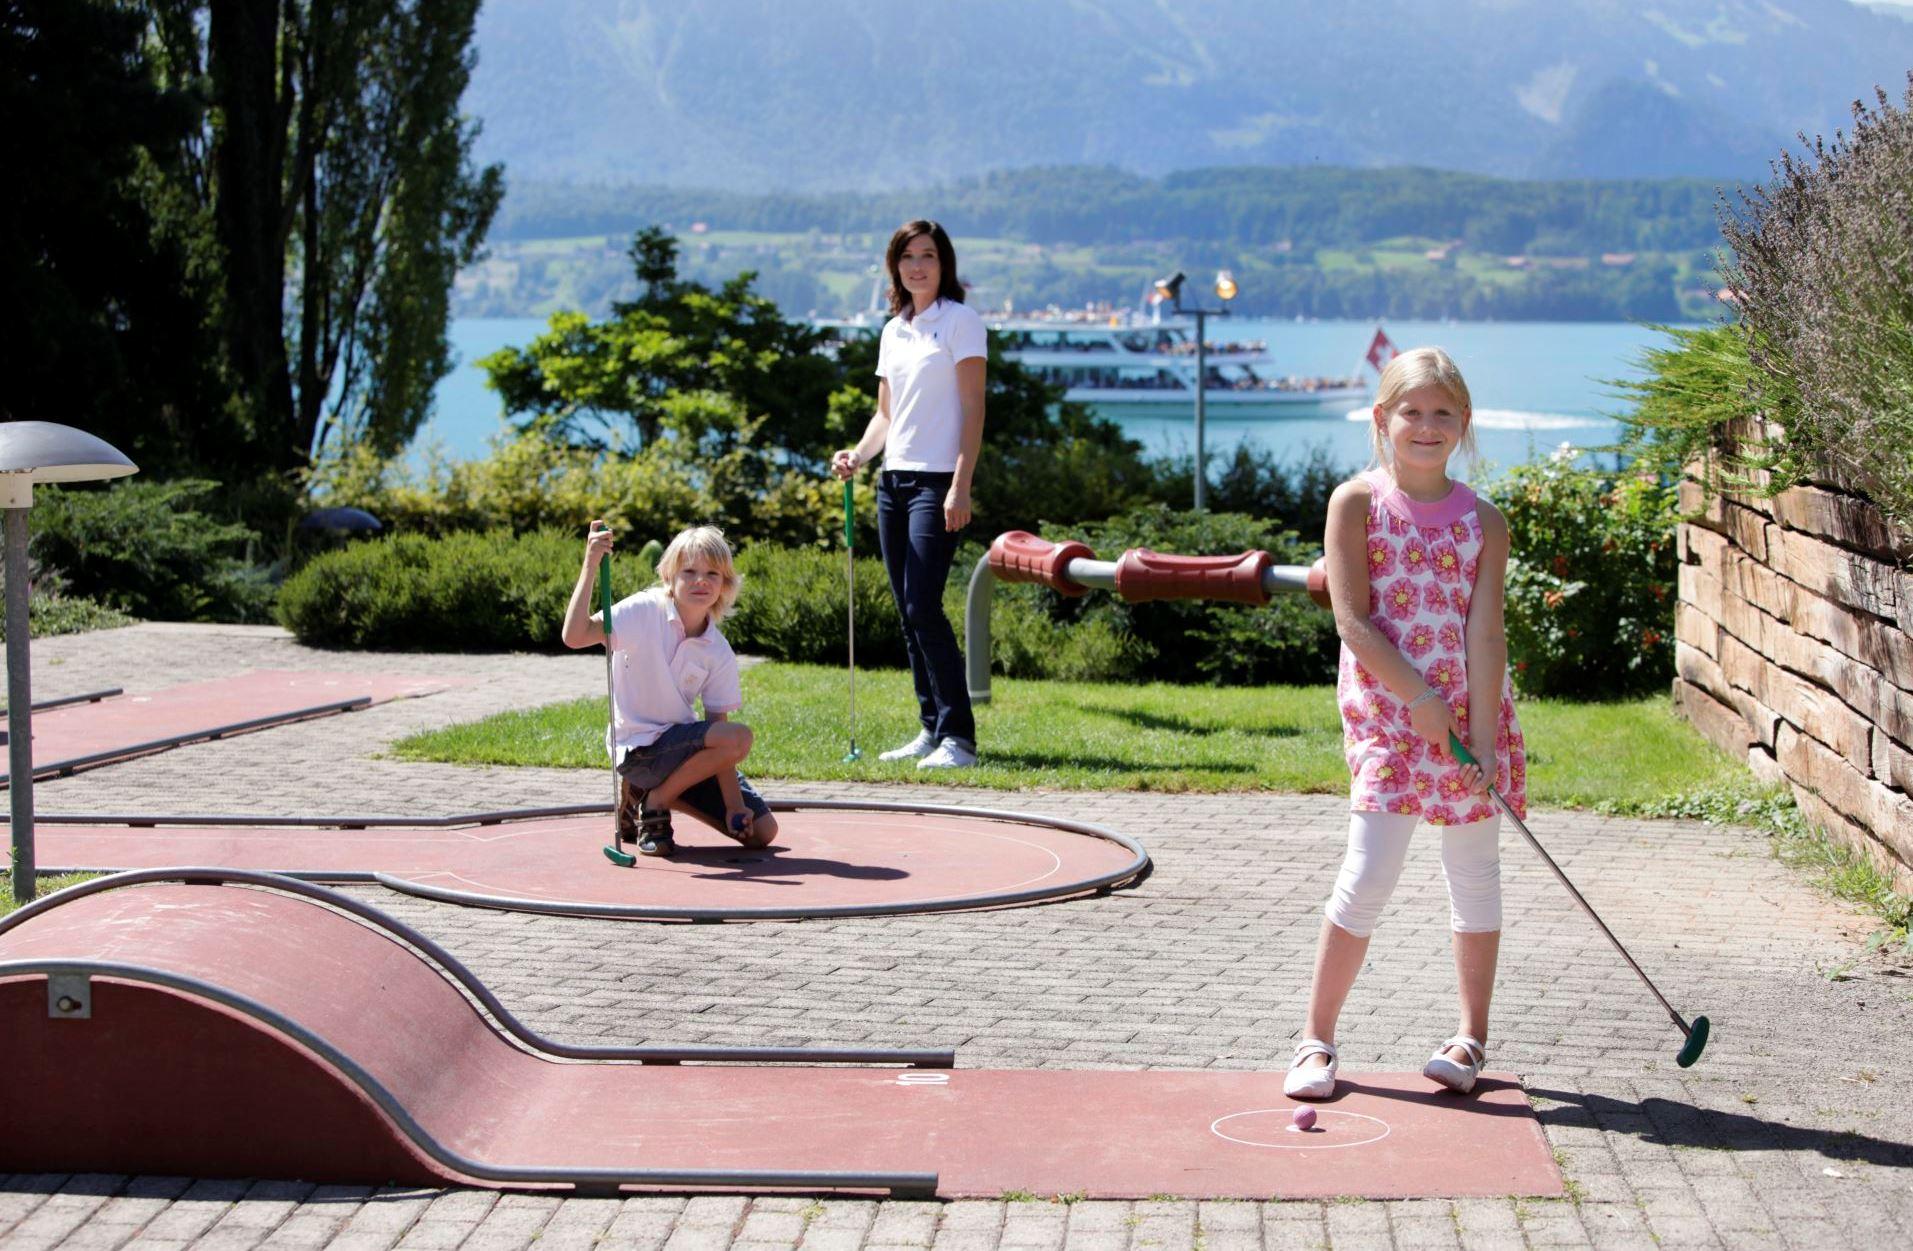 oberhofen-fitnesspark-minigolf-anlage-sommer-thunersee